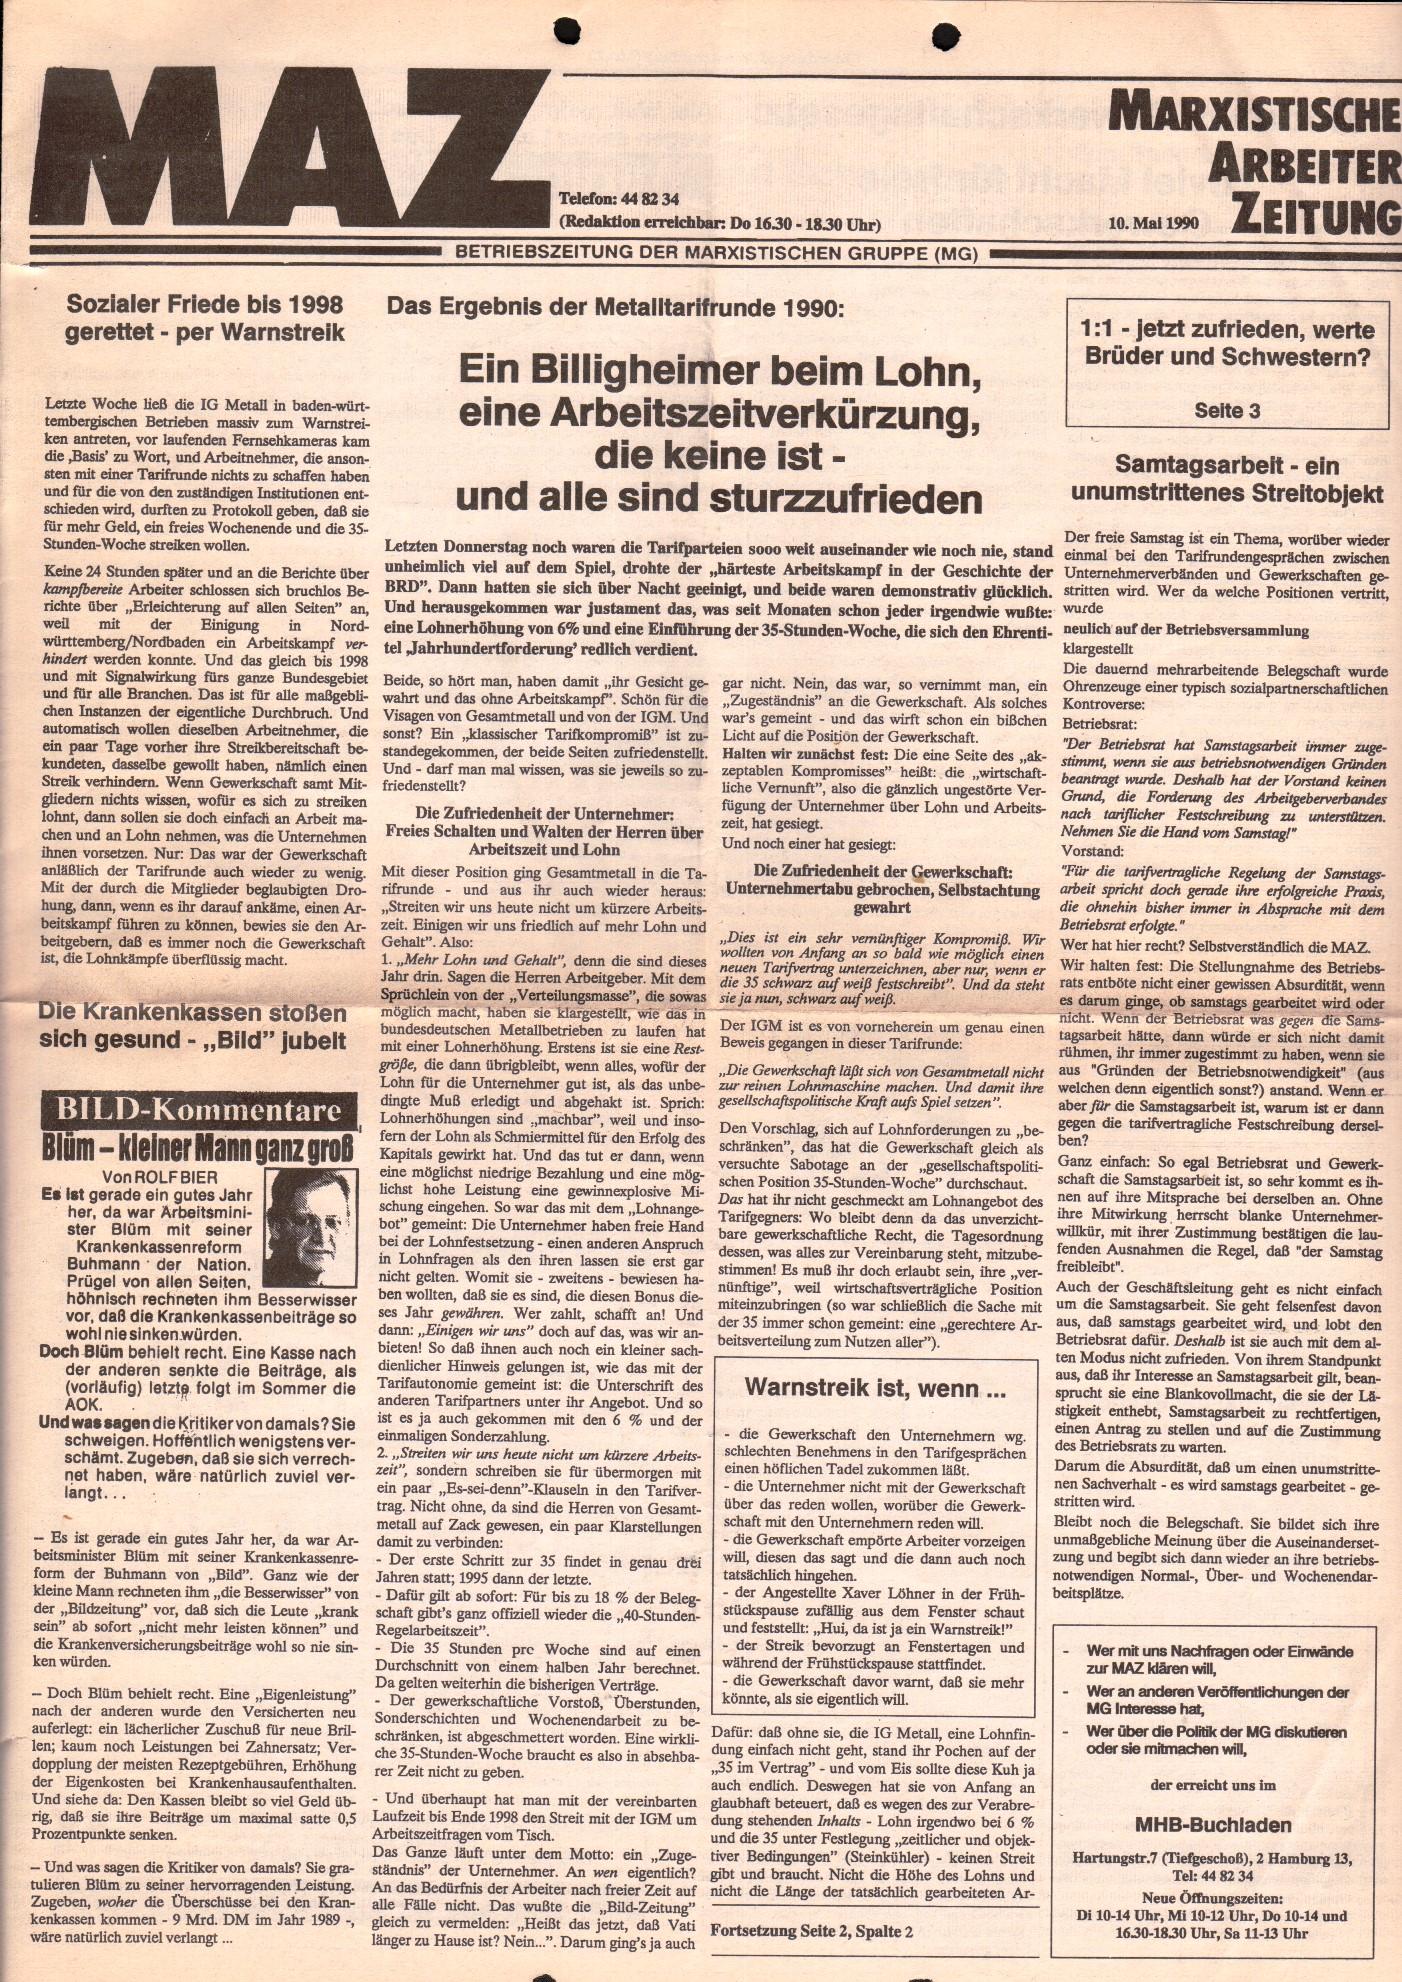 Hamburg_MG_MAZ_19900510_01